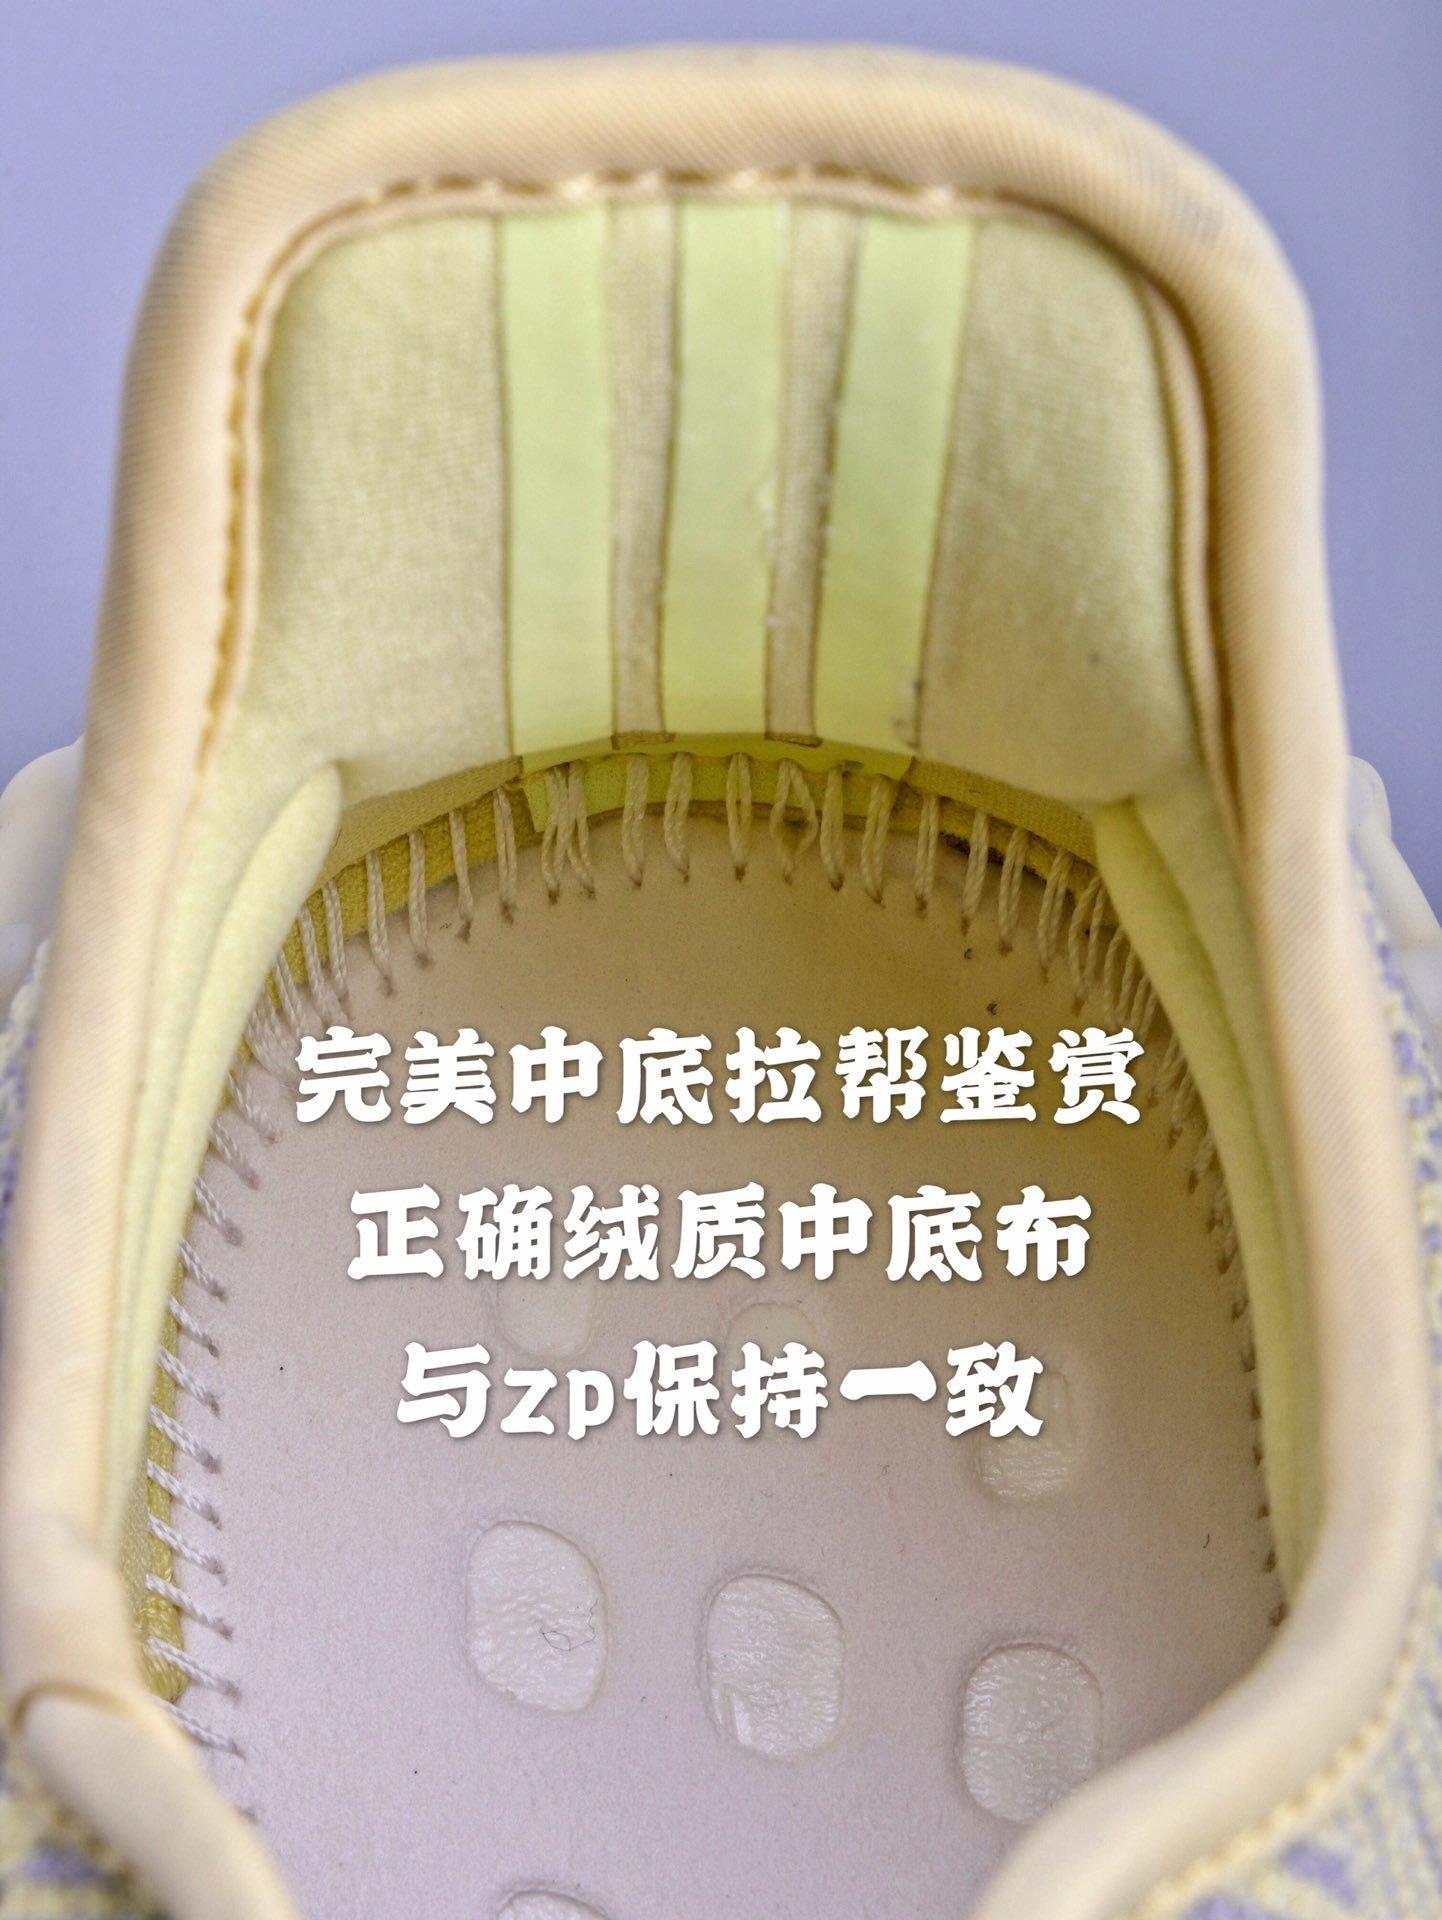 椰子GT版-YEEZY BOOST 350 V2 丁黄满天星GT纯原细节图解